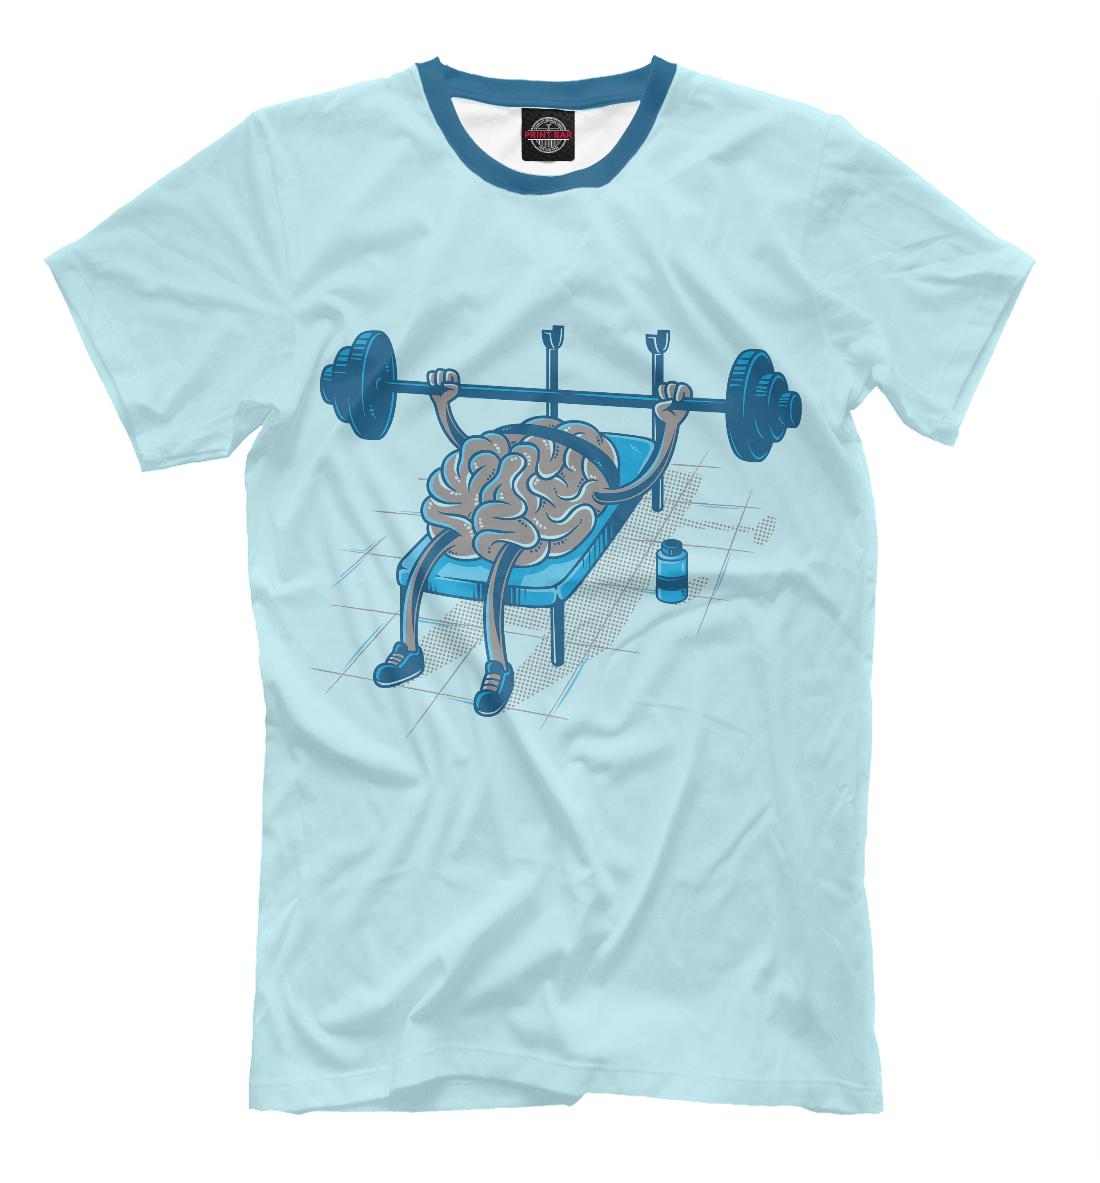 Купить Тренировка мозга, Printbar, Футболки, FIT-388845-fut-2